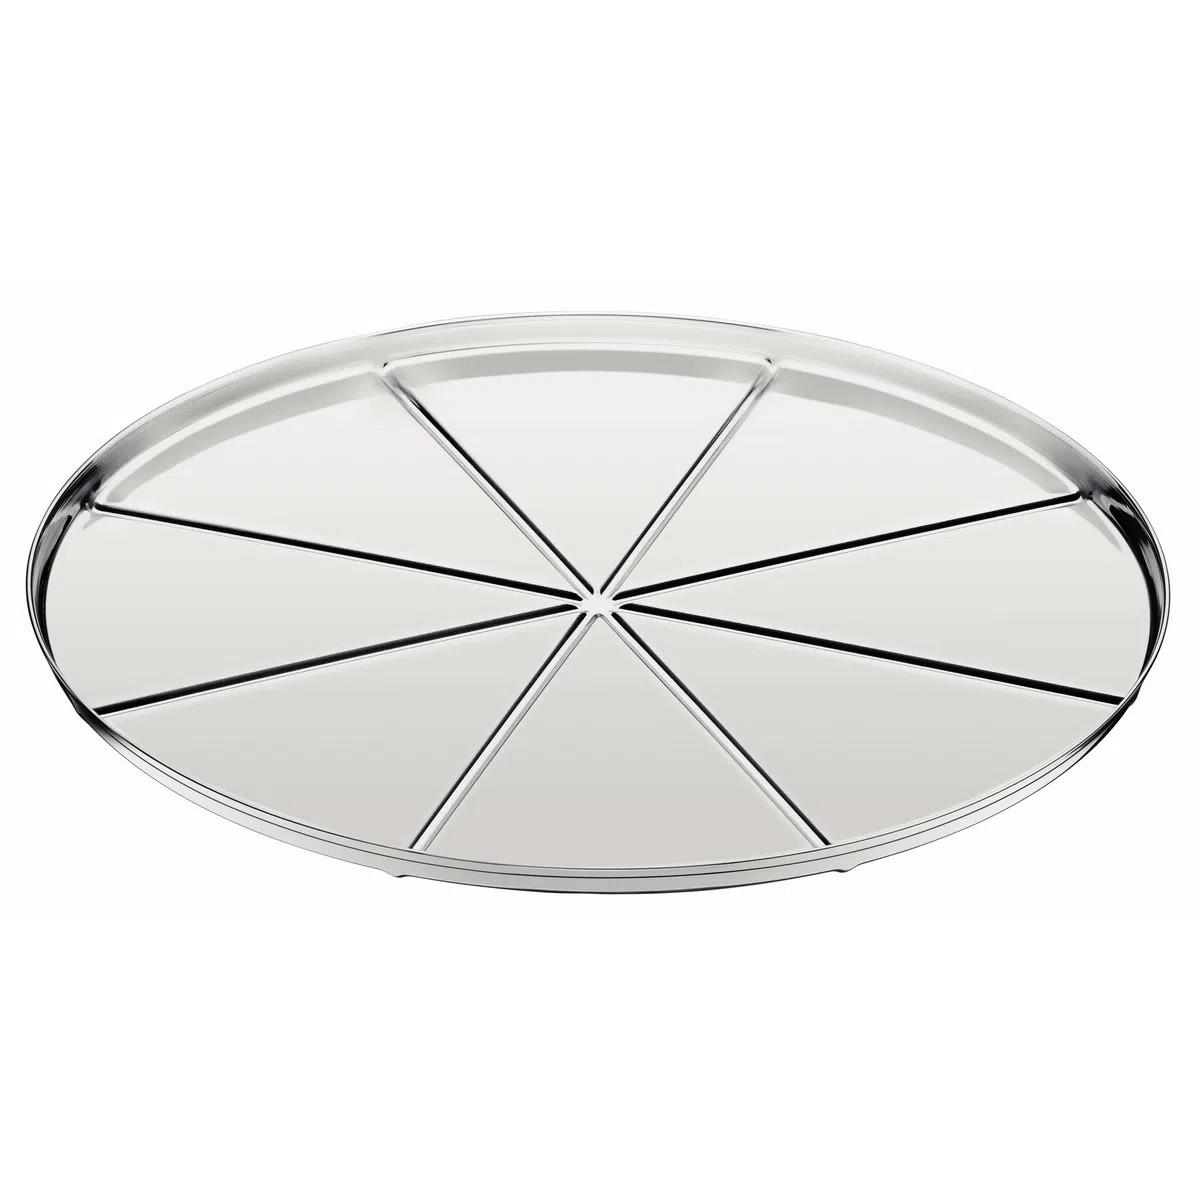 Forma para Pizza Tramontina em Aço Inox com Vincos 30 cm  Tramontina 61744300